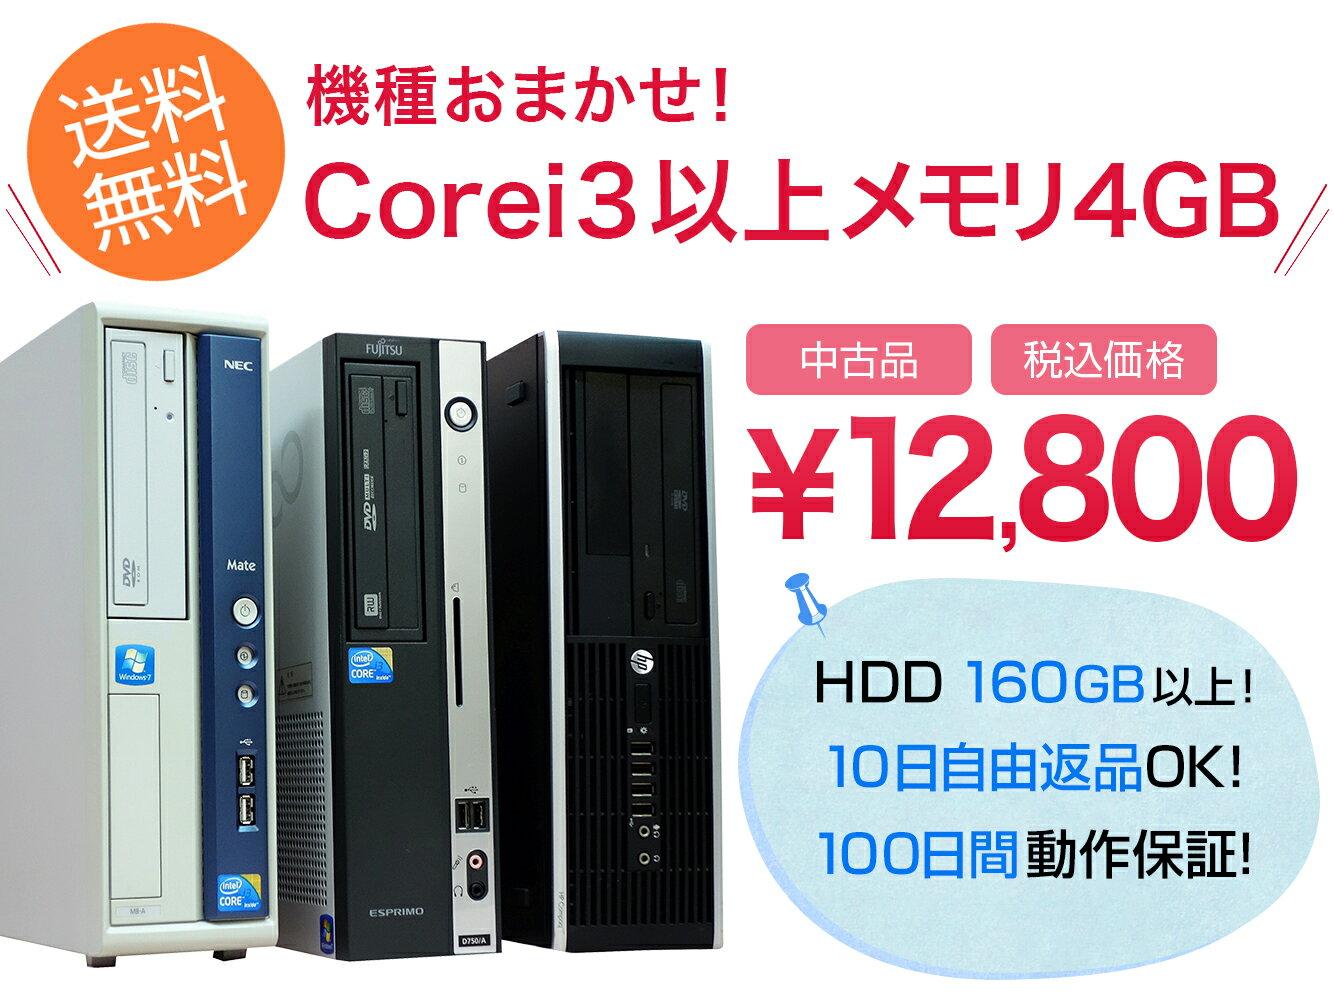 中古パソコン デスクトップ 機種おまかせ Core i3 搭載 高性能 デスクトップPC Windows10 Windows7 メモリ 4GB HDD 160GB 以上 2TB OS Win7 Win10 32bit 64bit 【中古】【送料無料】【100日間動作保証】【10日間自由返品】